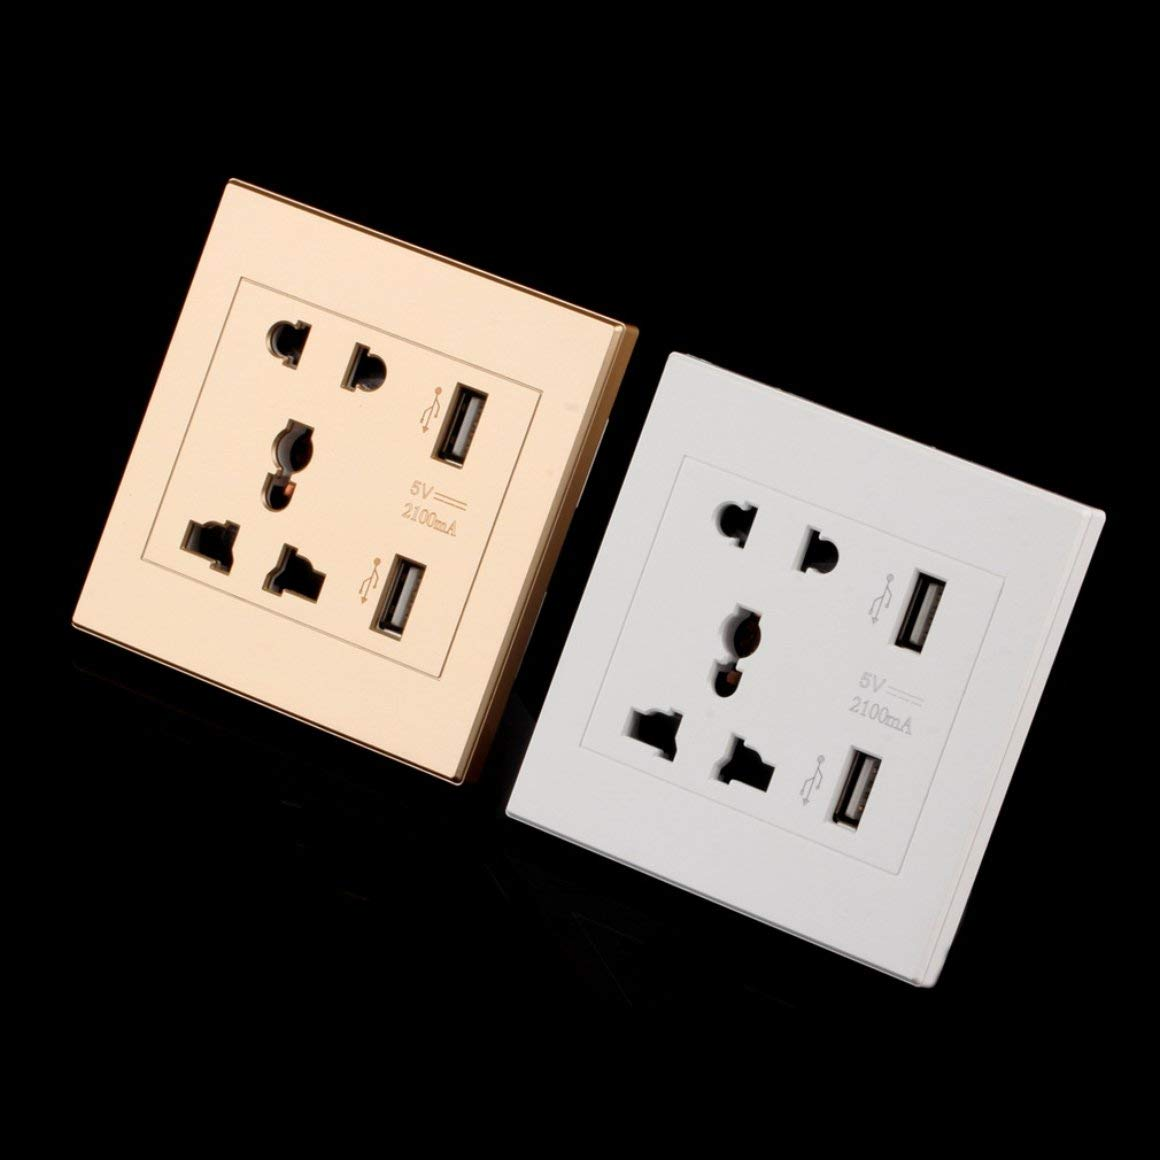 Funnyrunstore Puerto doble USB Cargador de pared el/éctrico Toma de corriente Placa de panel de toma de corriente Color: blanco